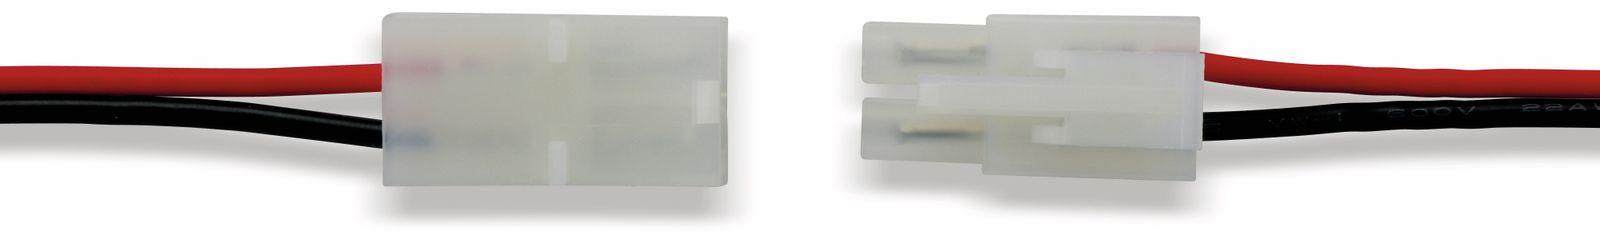 steckverbinder set 2 polig tamiya stecker kupplung rot schwarz 180mm. Black Bedroom Furniture Sets. Home Design Ideas